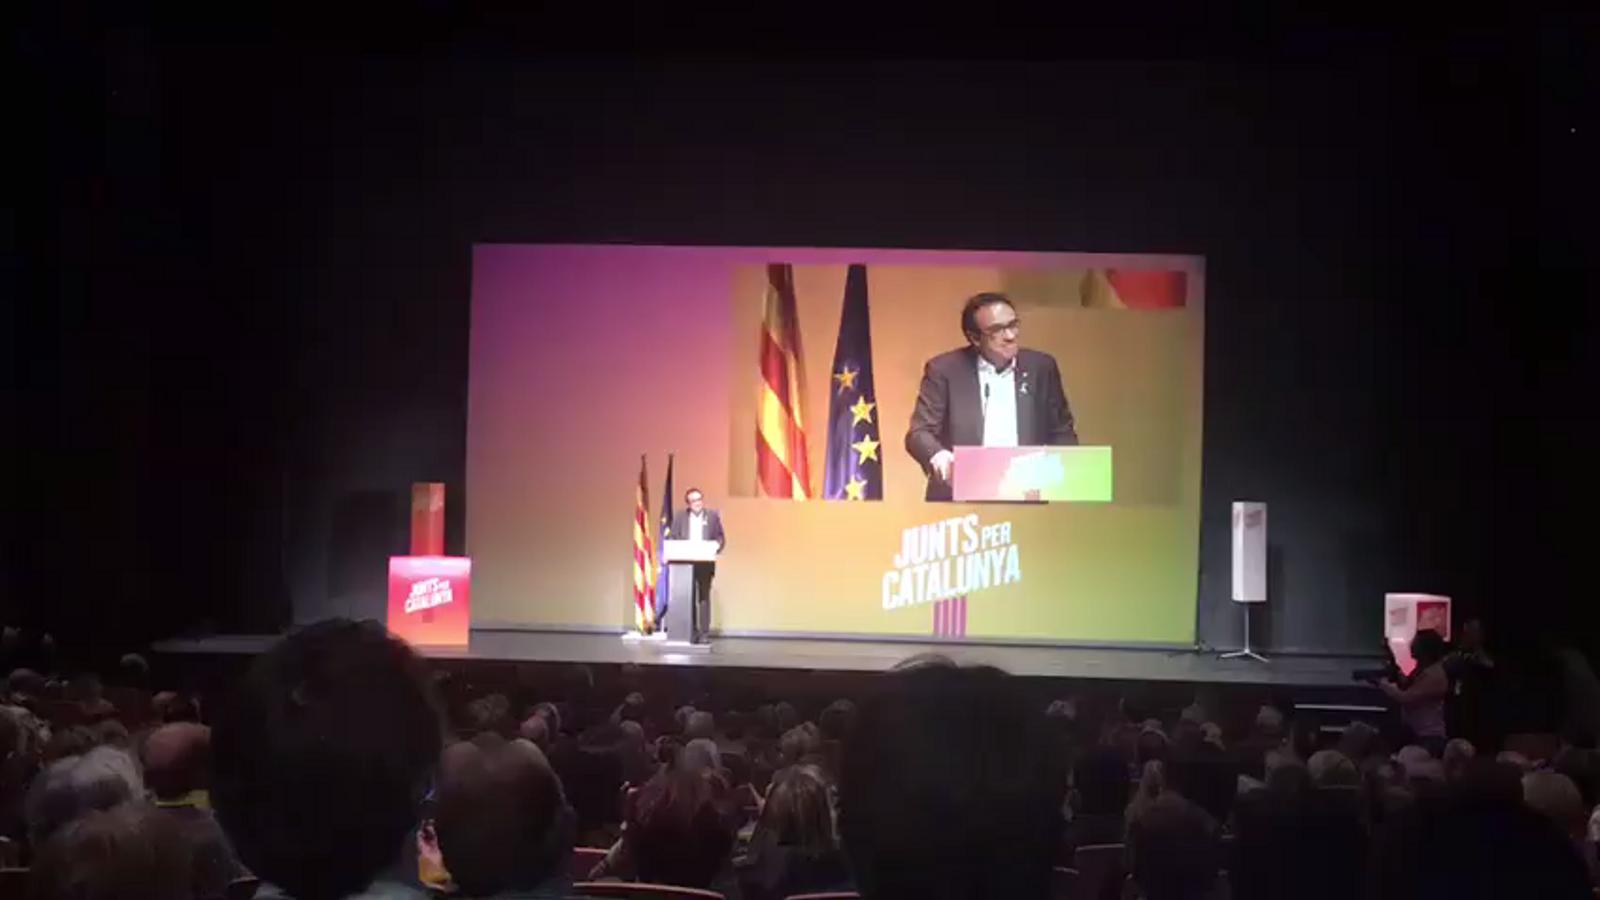 Josep Rull s'emociona en el seu discurs a Terrassa i agraeix a la seva dona haver estat al seu costat en aquest temps a la presó